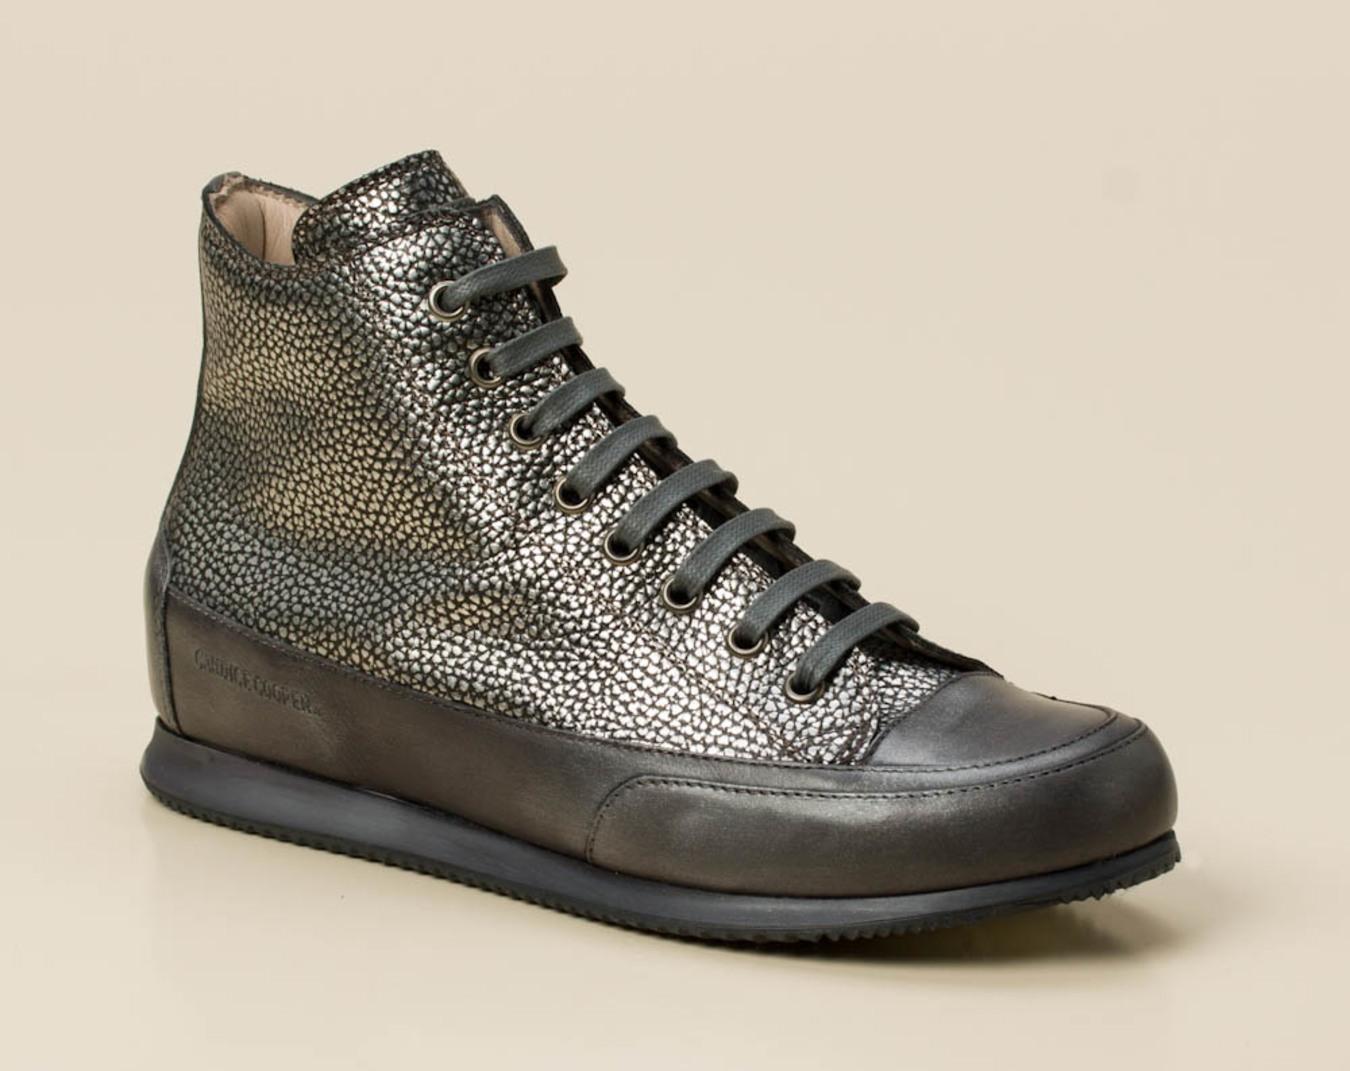 bb0724516fa68b Candice Cooper Damen Sneaker high in silber kaufen